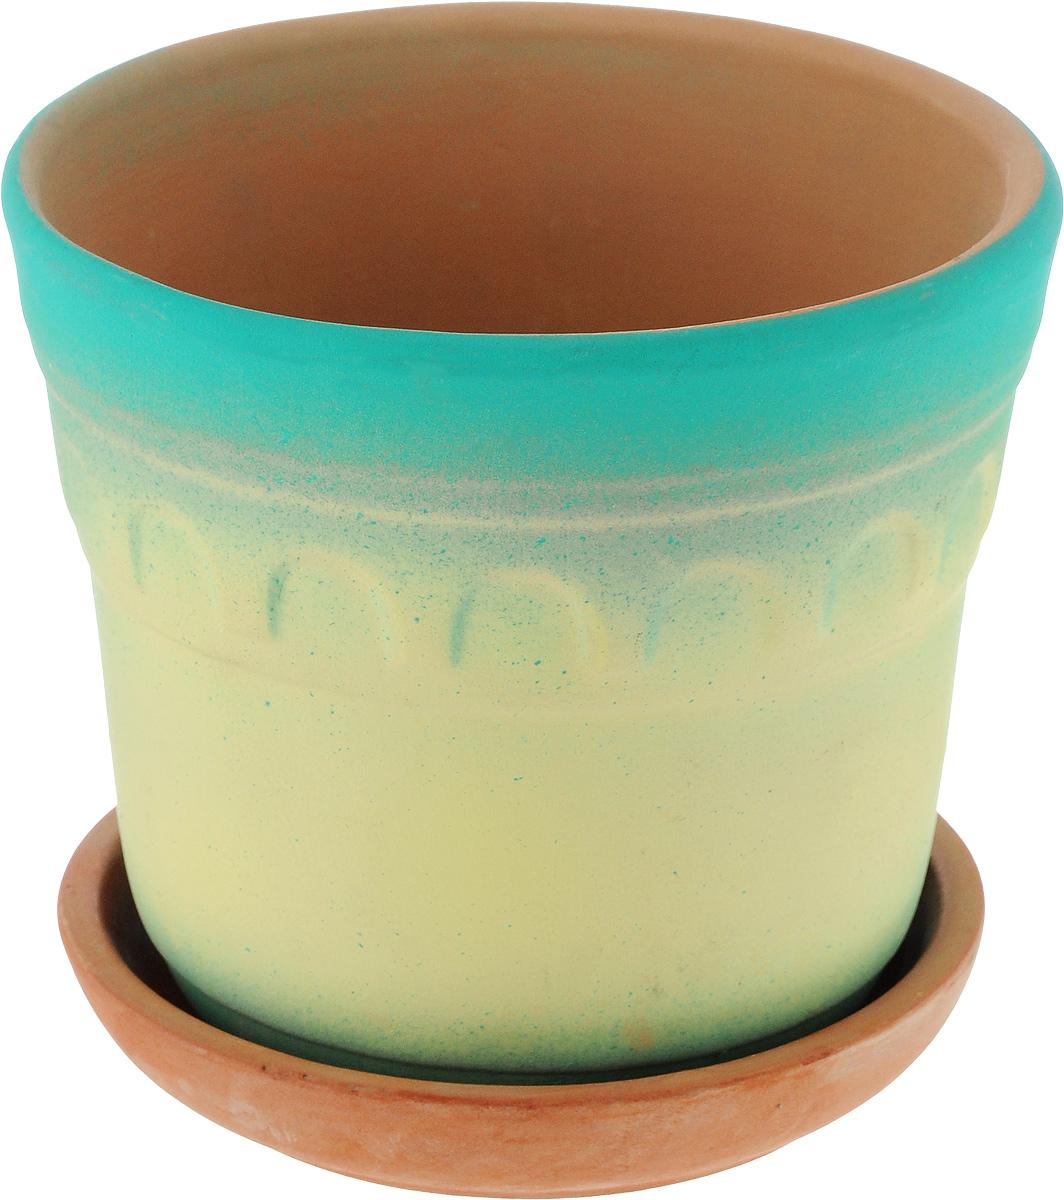 Горшок для цветов Ломоносовская керамика Элин, диаметр 14 см3Це3-1Горшок с поддоном Ломоносовская керамика Элин выполнен из керамики. Внешние стенки изделия покрыты глазурью. Стенки имеют рельефный узор и окрашены в яркие цвета. Горшок предназначен для выращивания цветов, растений и трав. Он порадует вас функциональностью, а также украсит интерьер помещения. Диаметр горшка (по верхнему краю): 14 см. Высота горшка: 12 см. Размер поддона: 12 х 12 х 3 см.